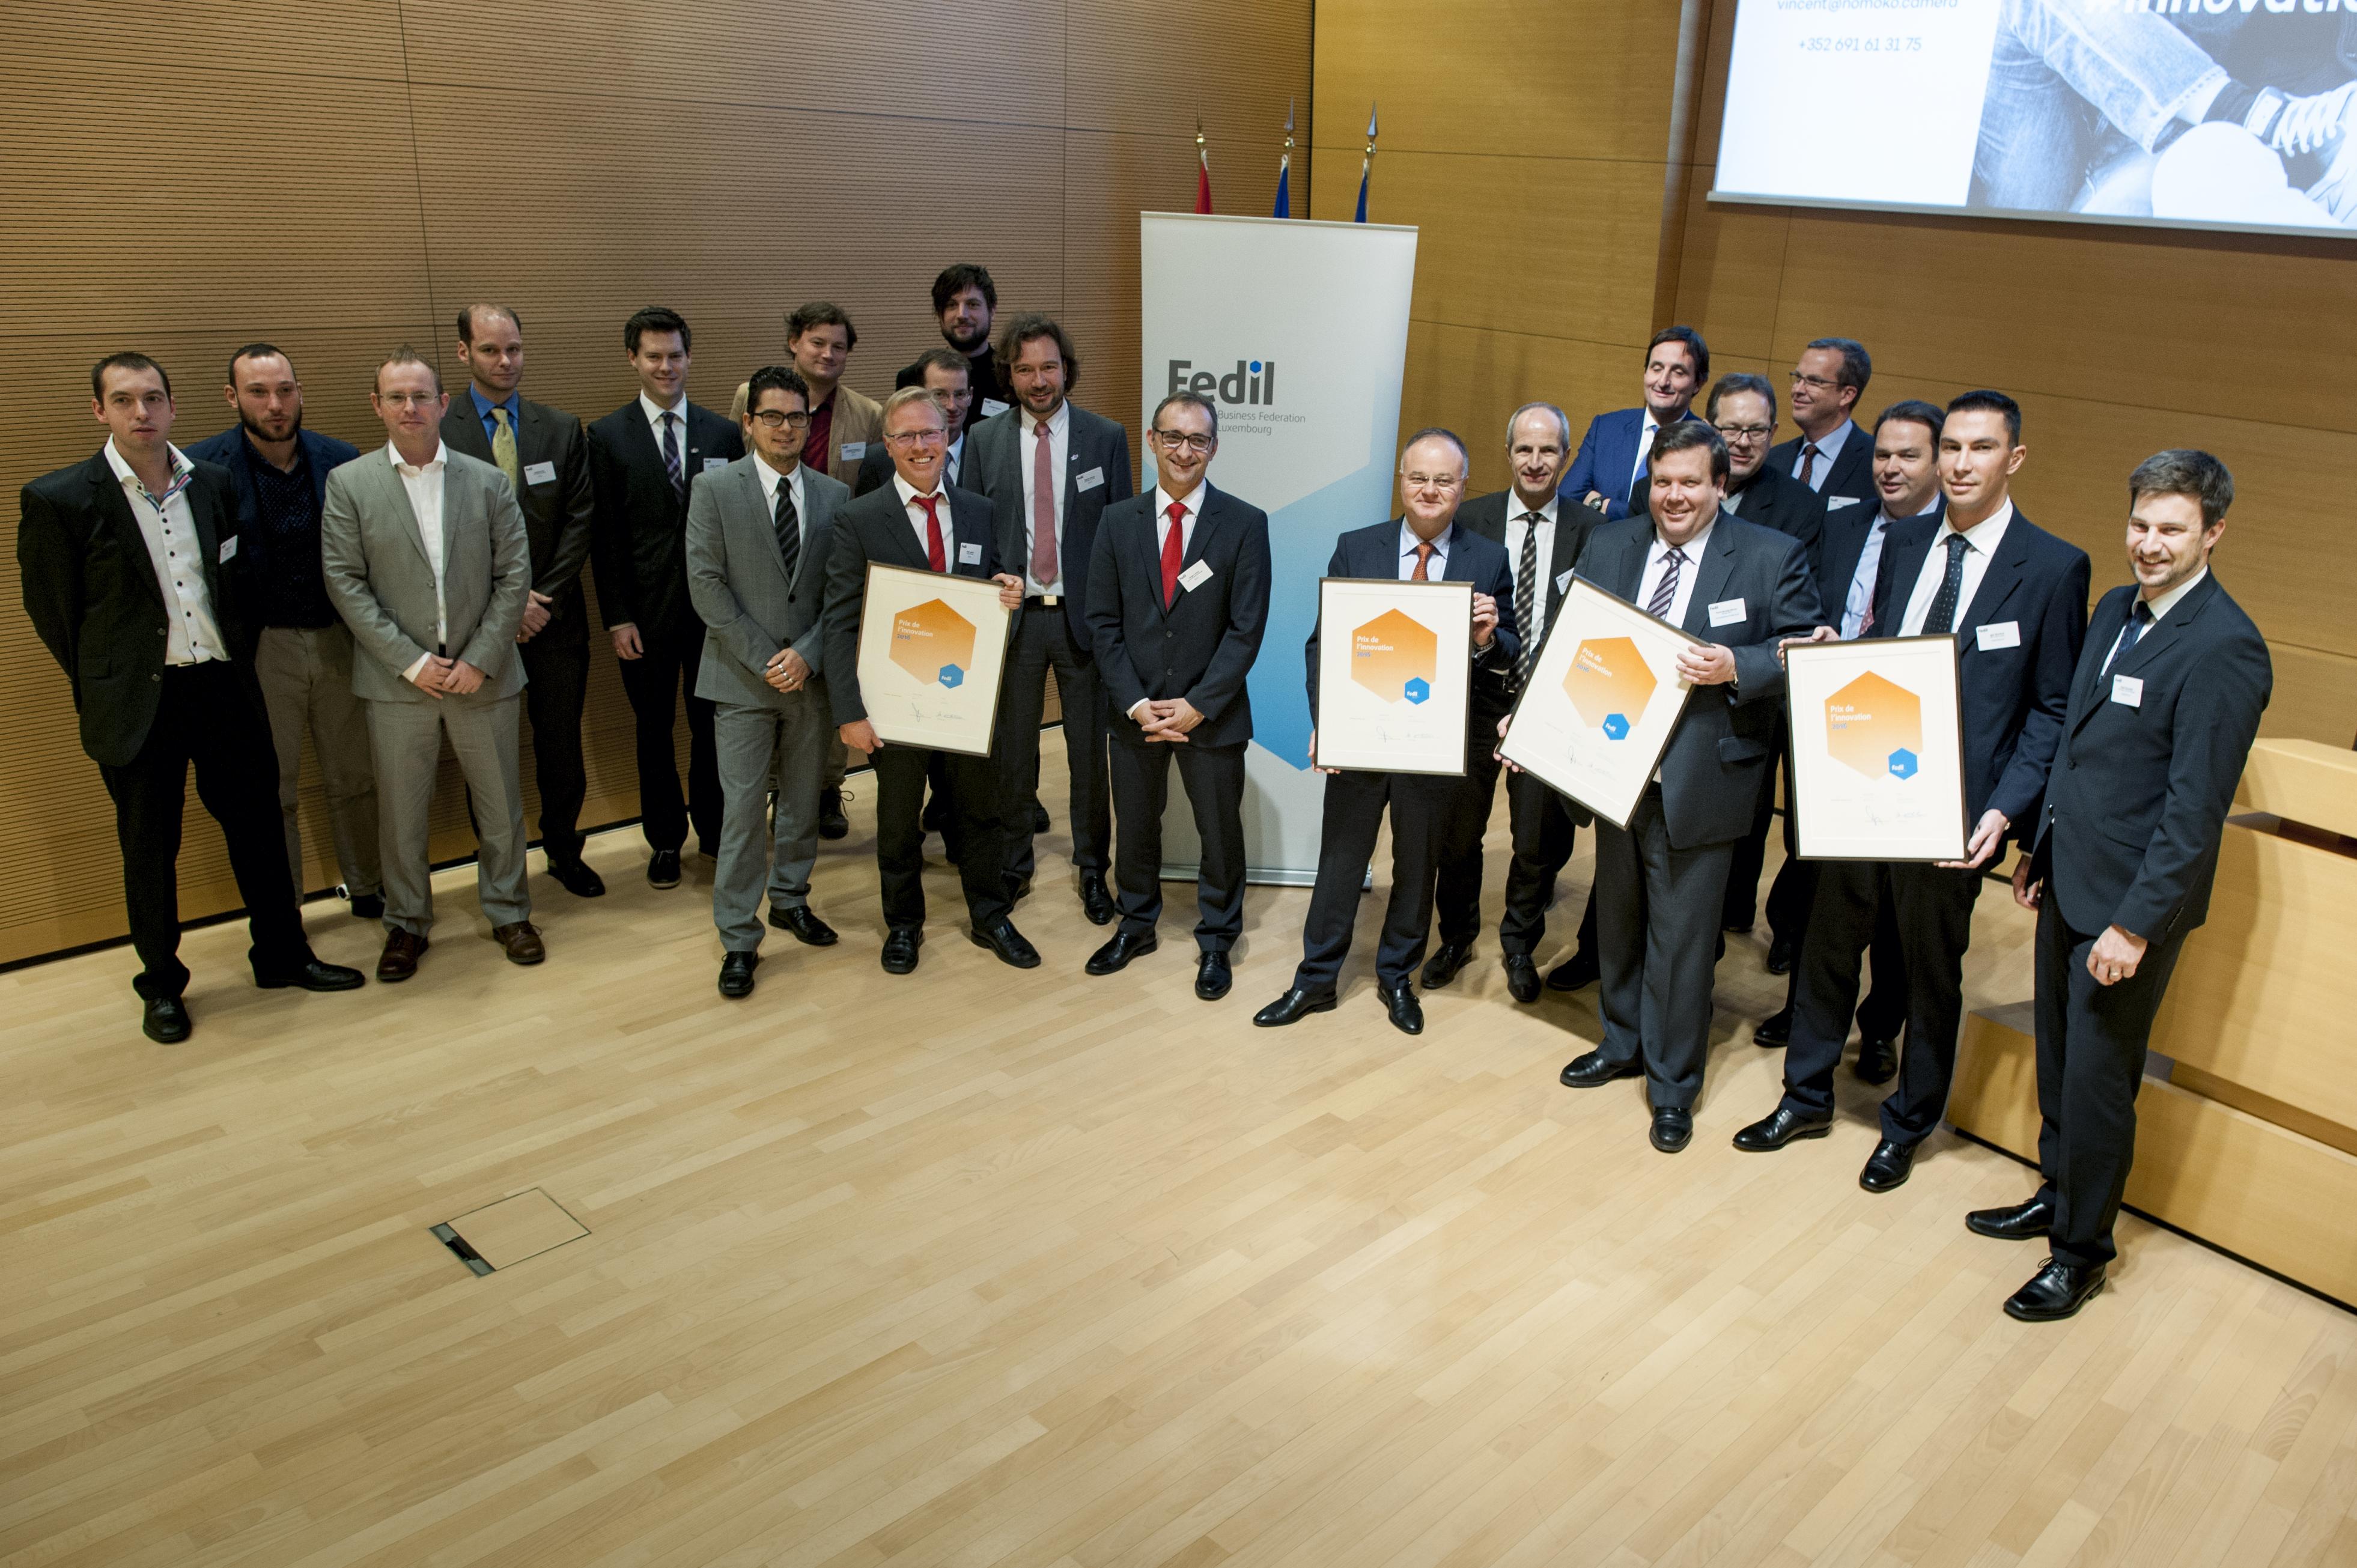 Les lauréats du Prix de l'innovation 2016 de la FEDIL